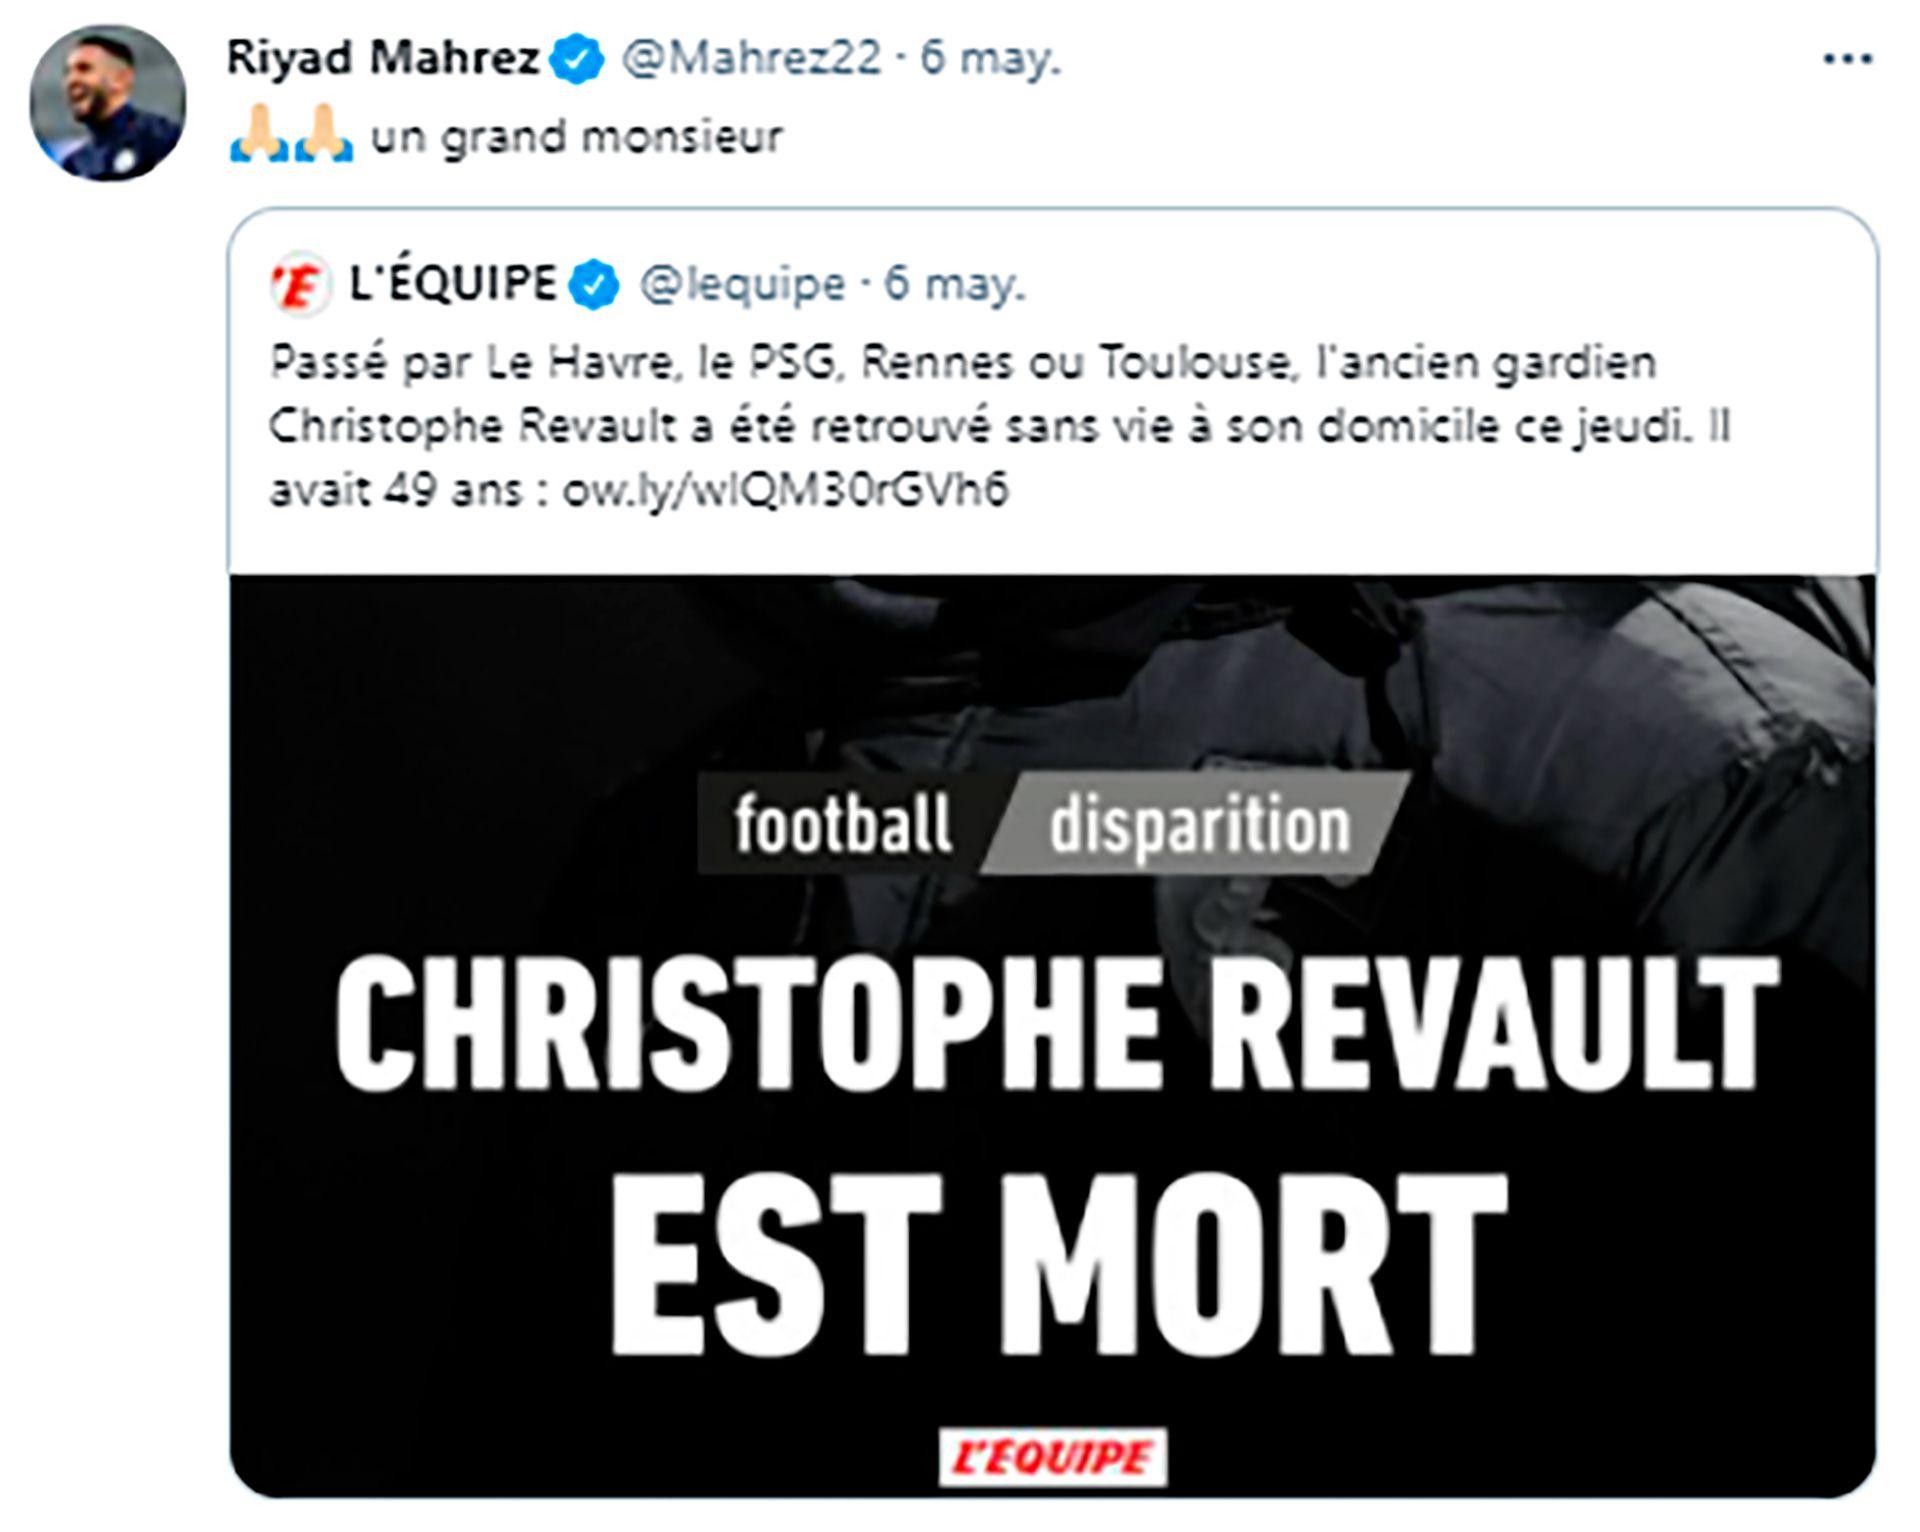 La despedida de Christophe Revault